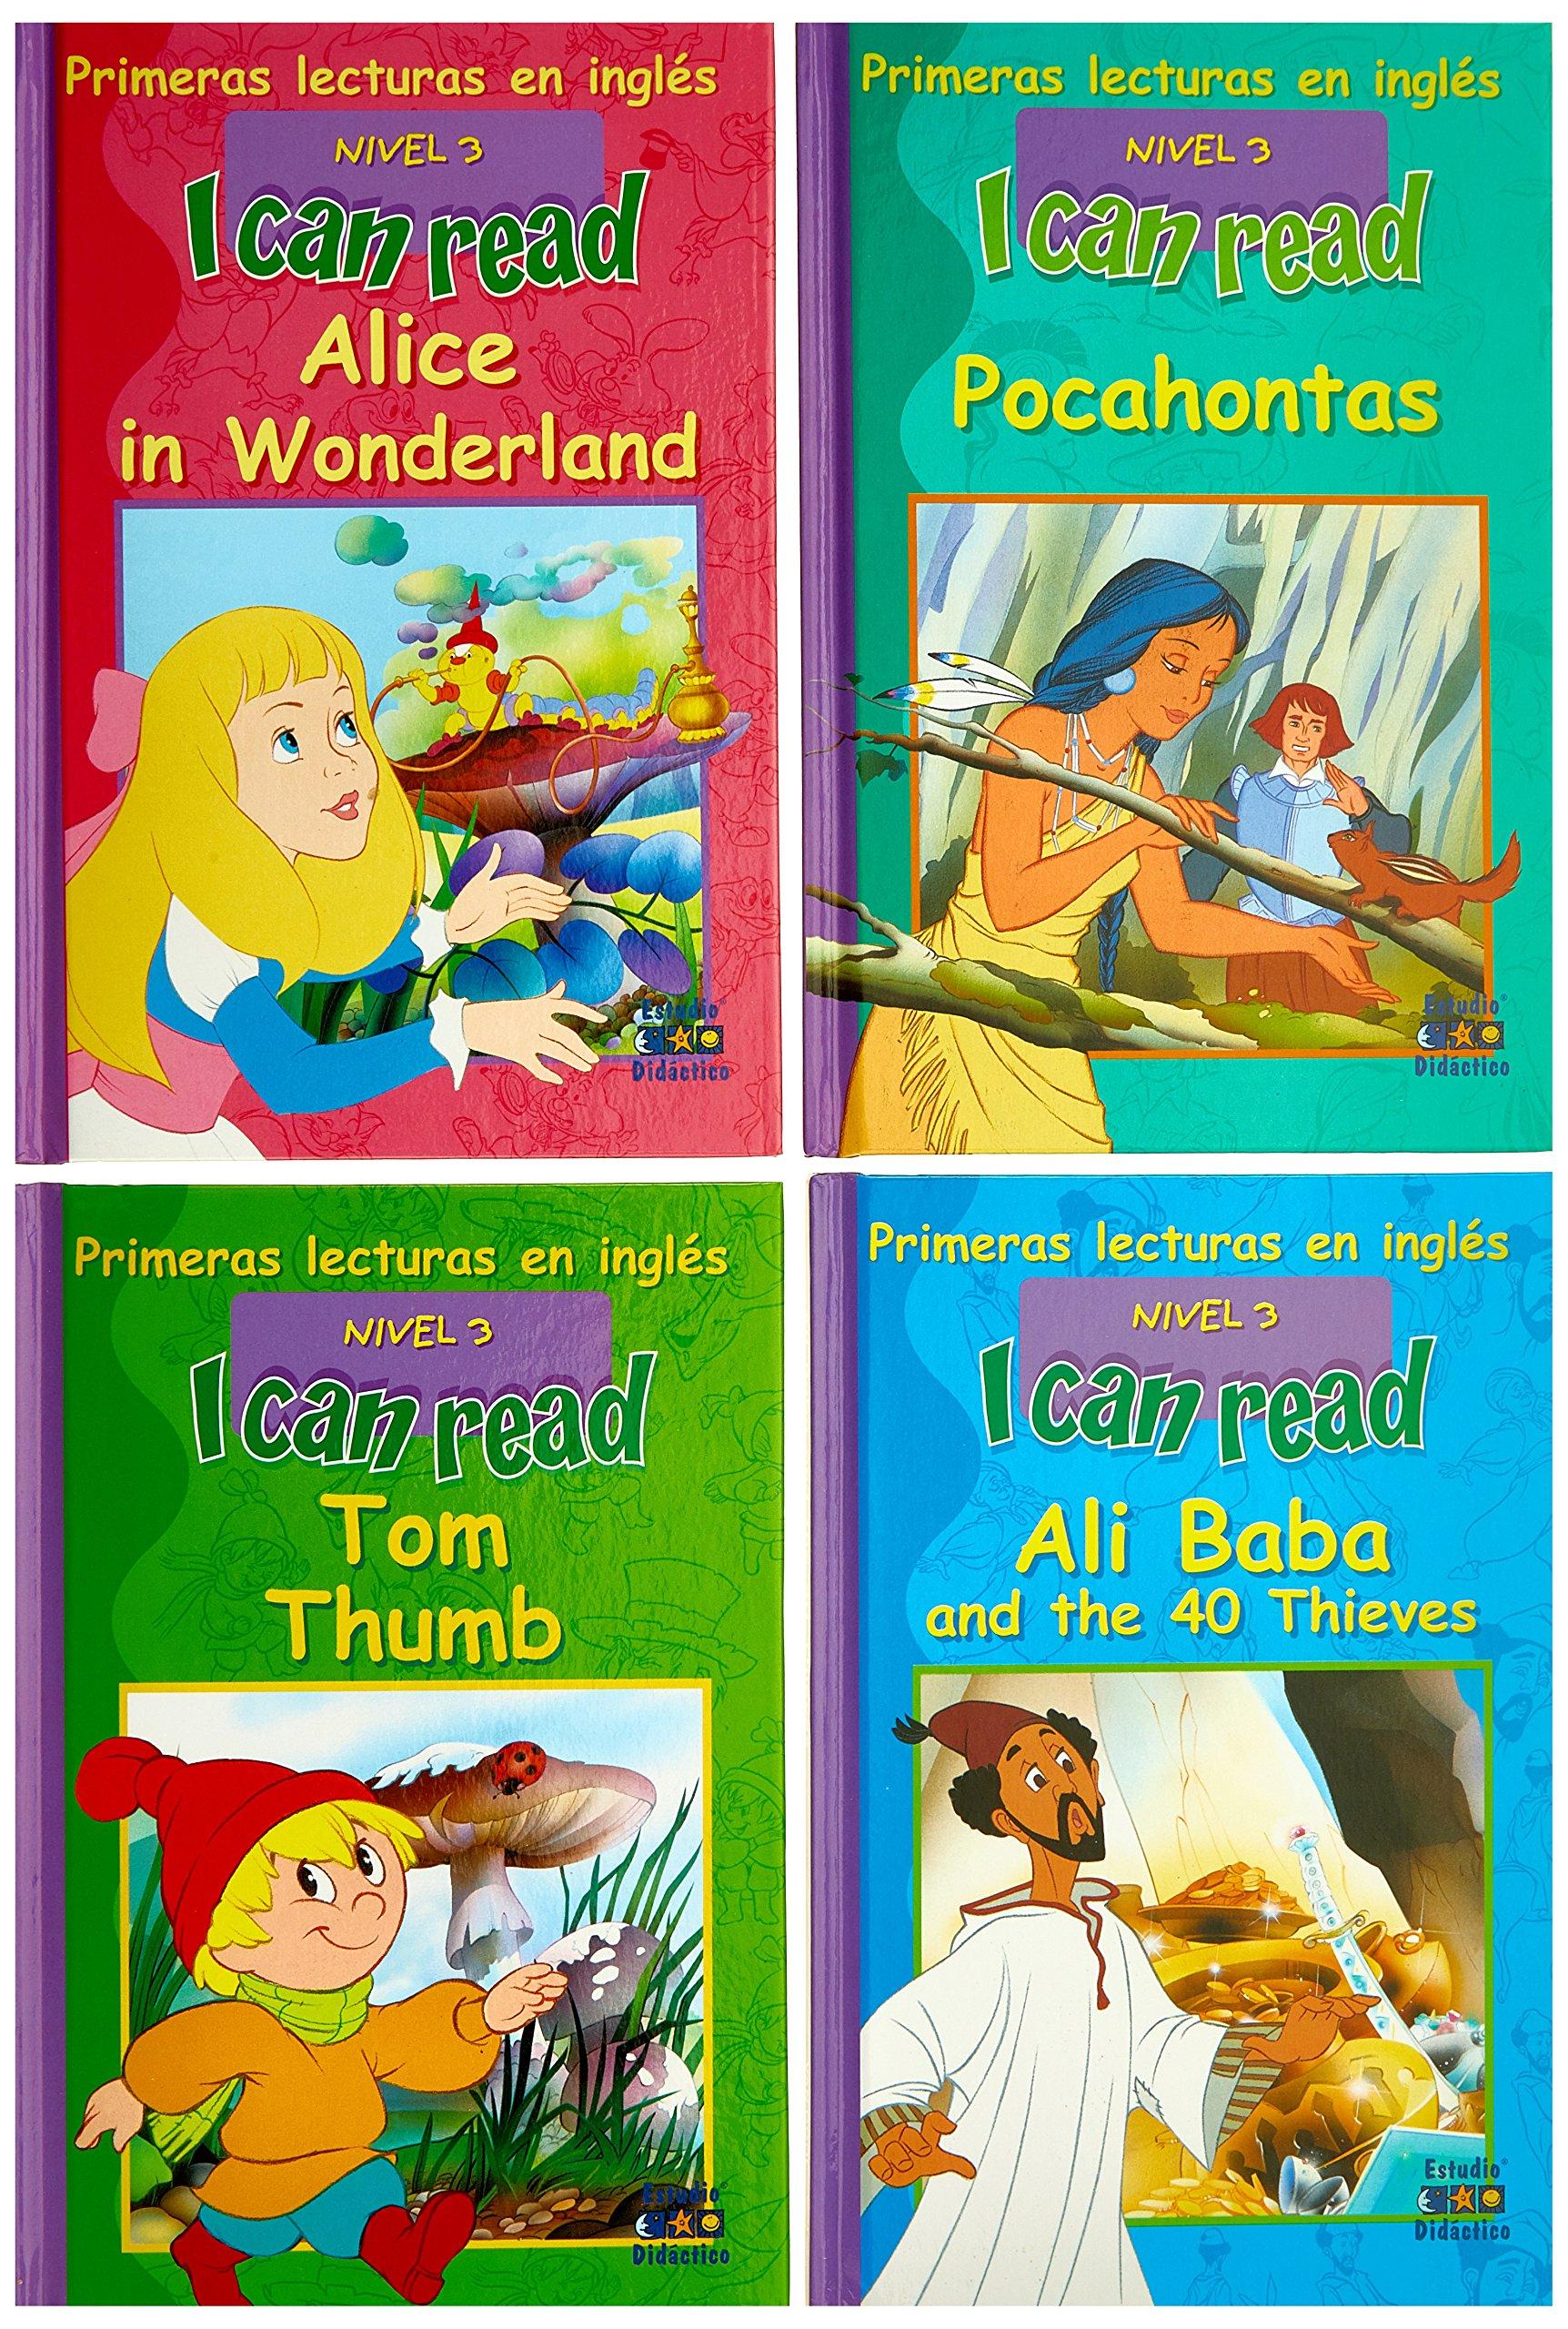 Estuche I can read level 3 Primeras lecturas en inglés: Amazon.es: Gool, Van: Libros en idiomas extranjeros